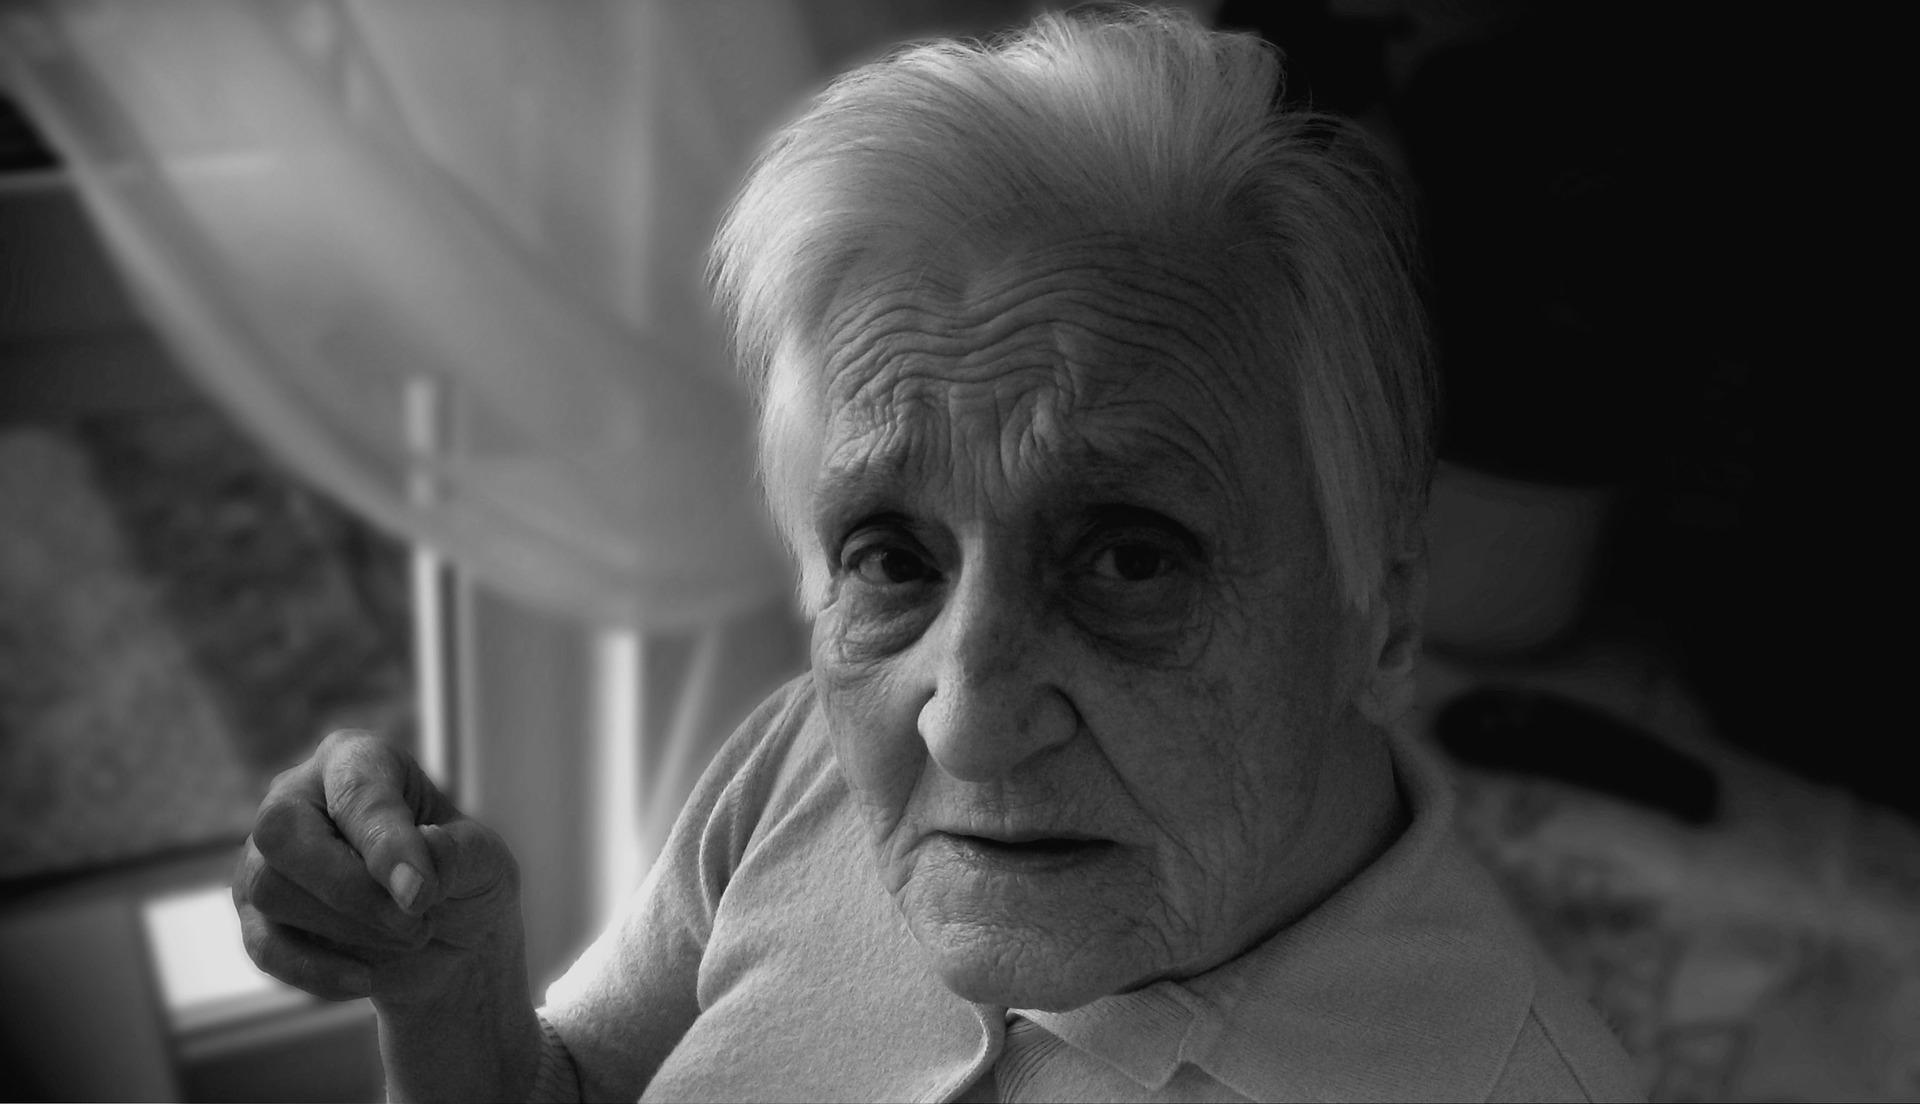 Neumonía en personas mayores: prevención, síntomas y tratamiento